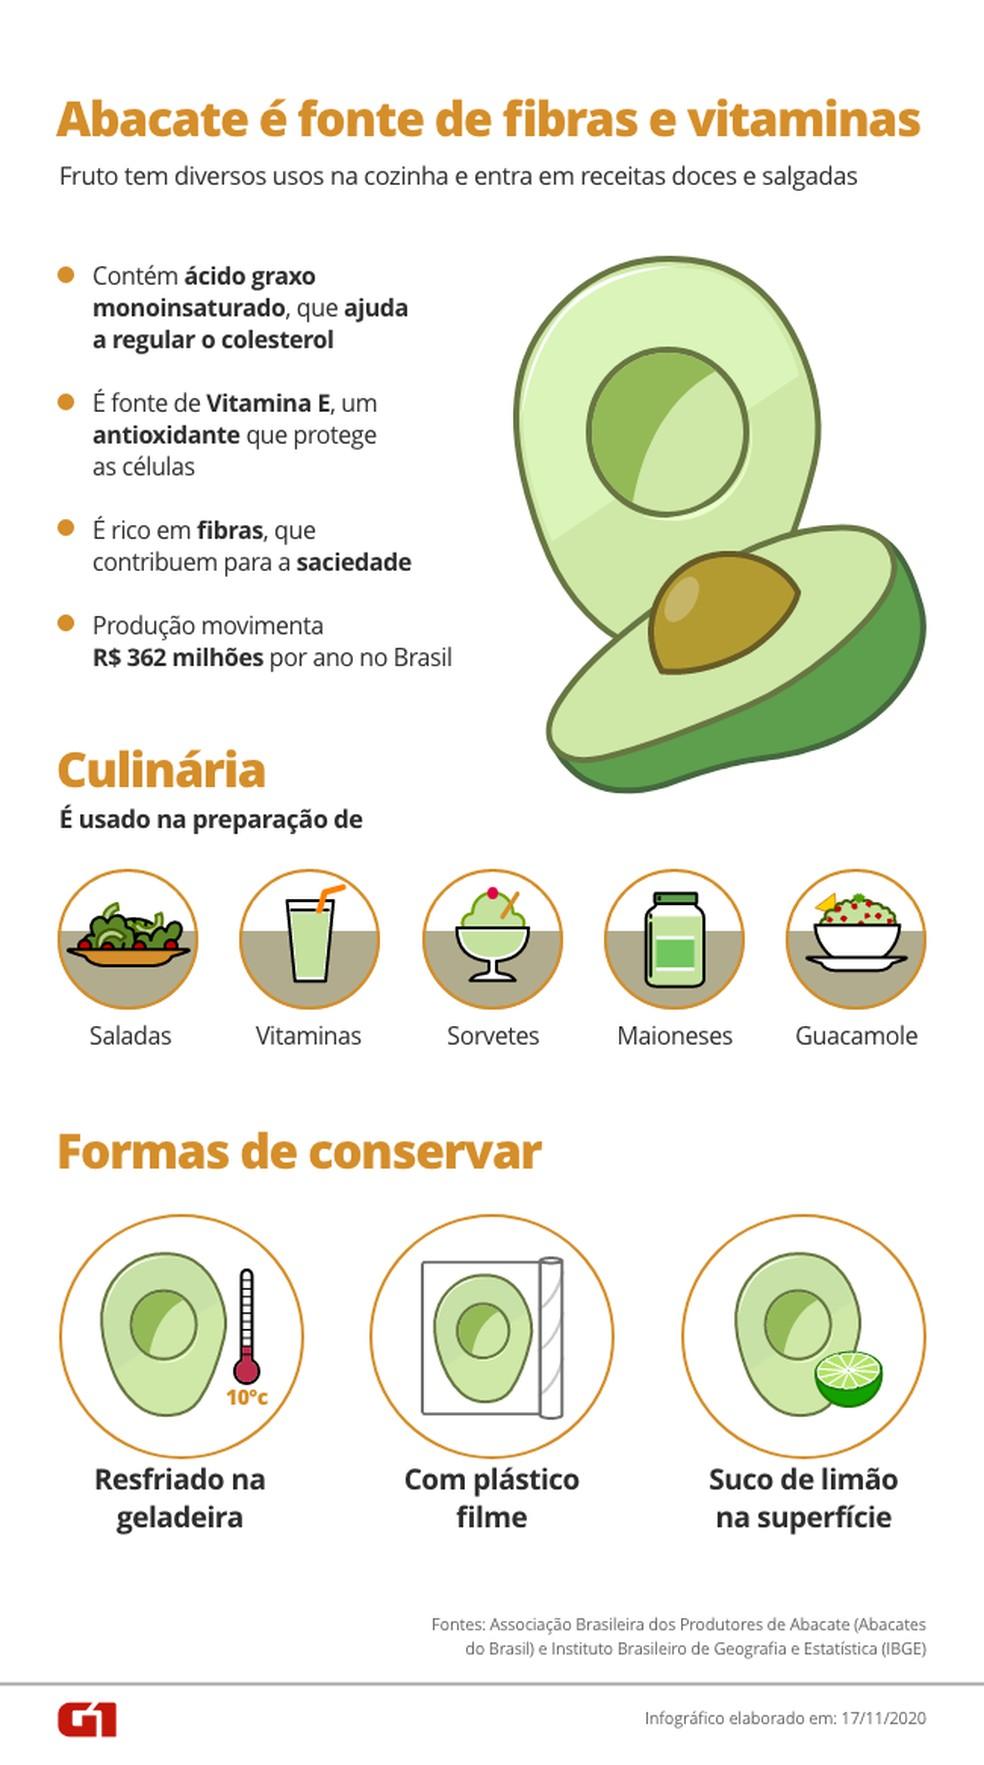 Abacate é fonte de fibras e vitaminas e usado em receitas doces e salgadas — Foto: Arte/G1